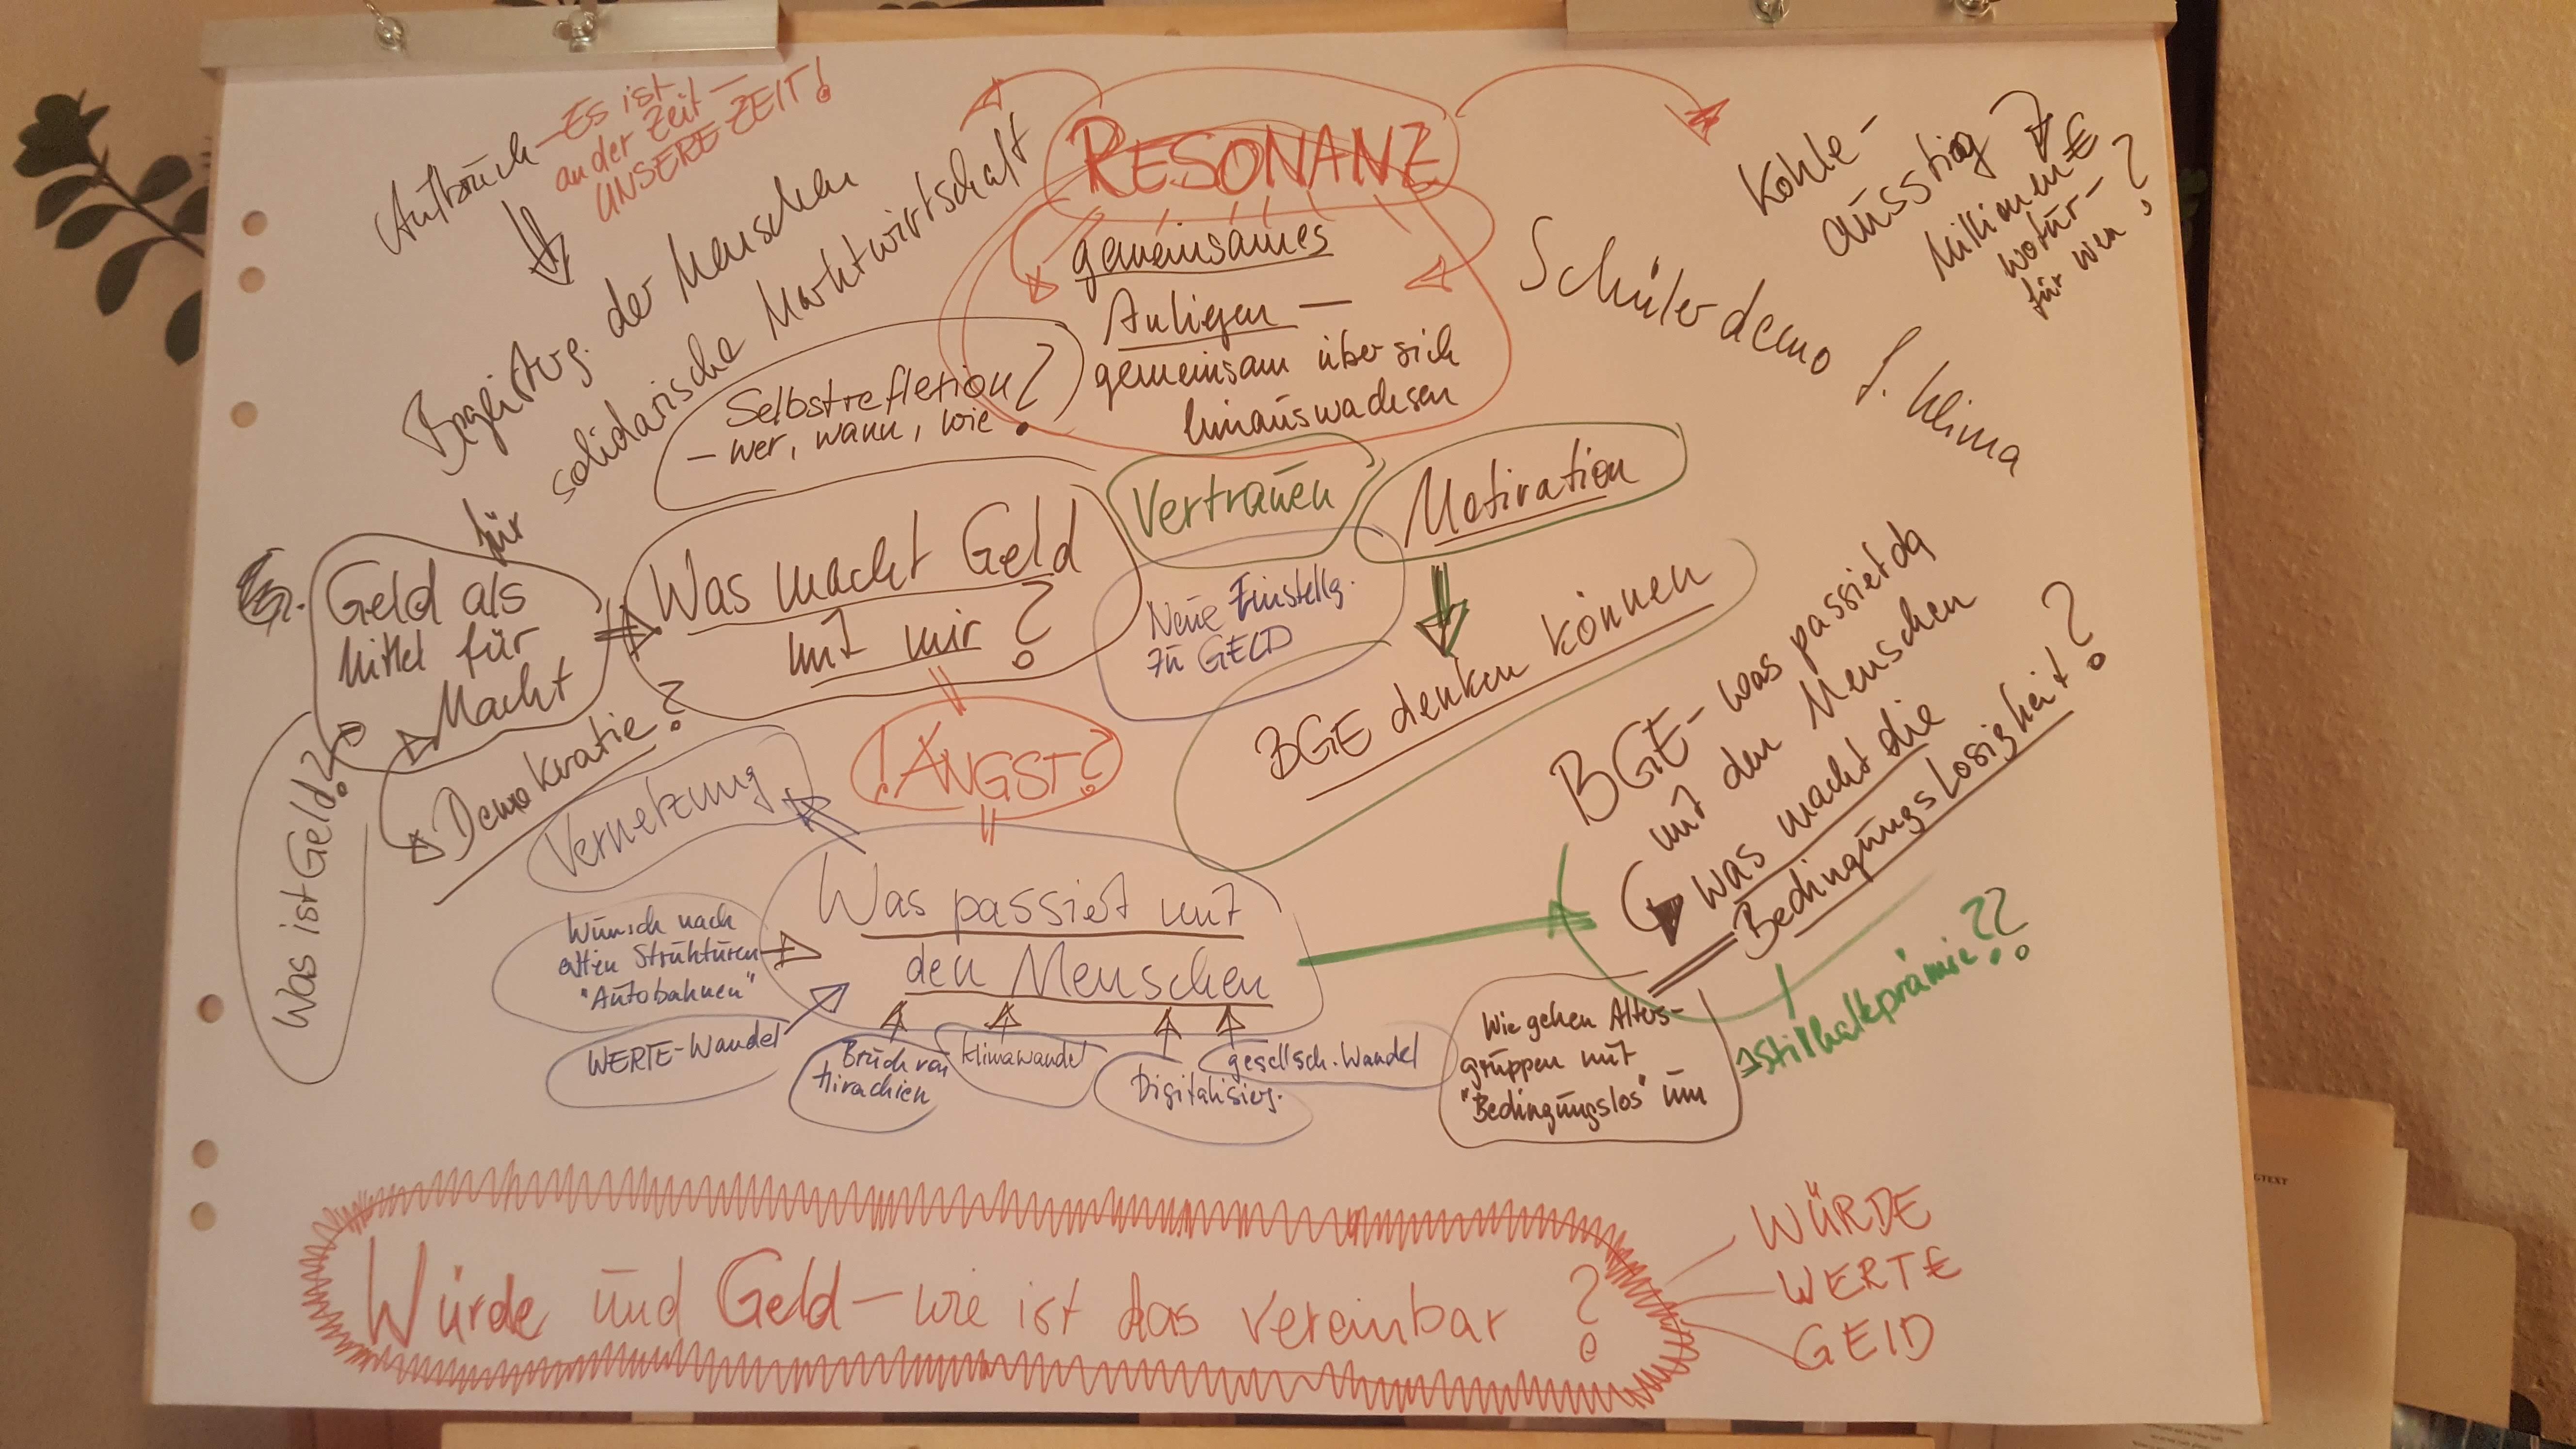 Rückblick auf den Online-Convent Würde. Geld. Zusammenleben.